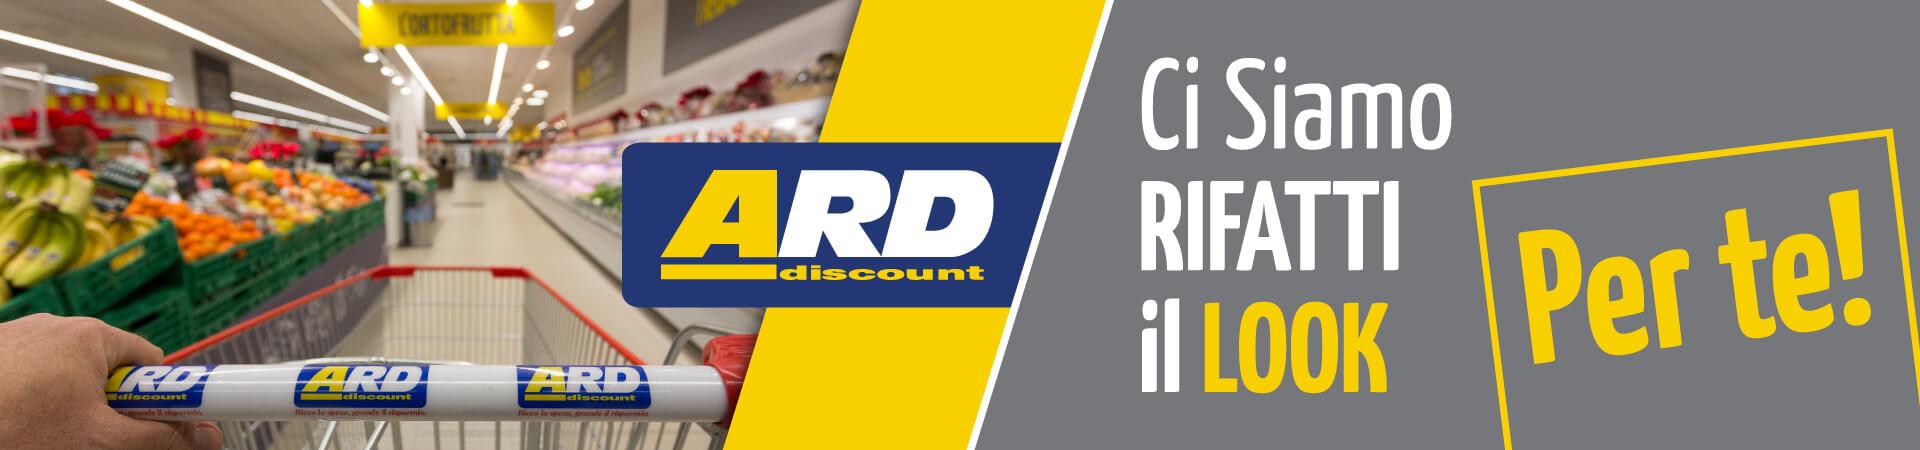 ARD Discount - Ci siamo rifatti il look per te